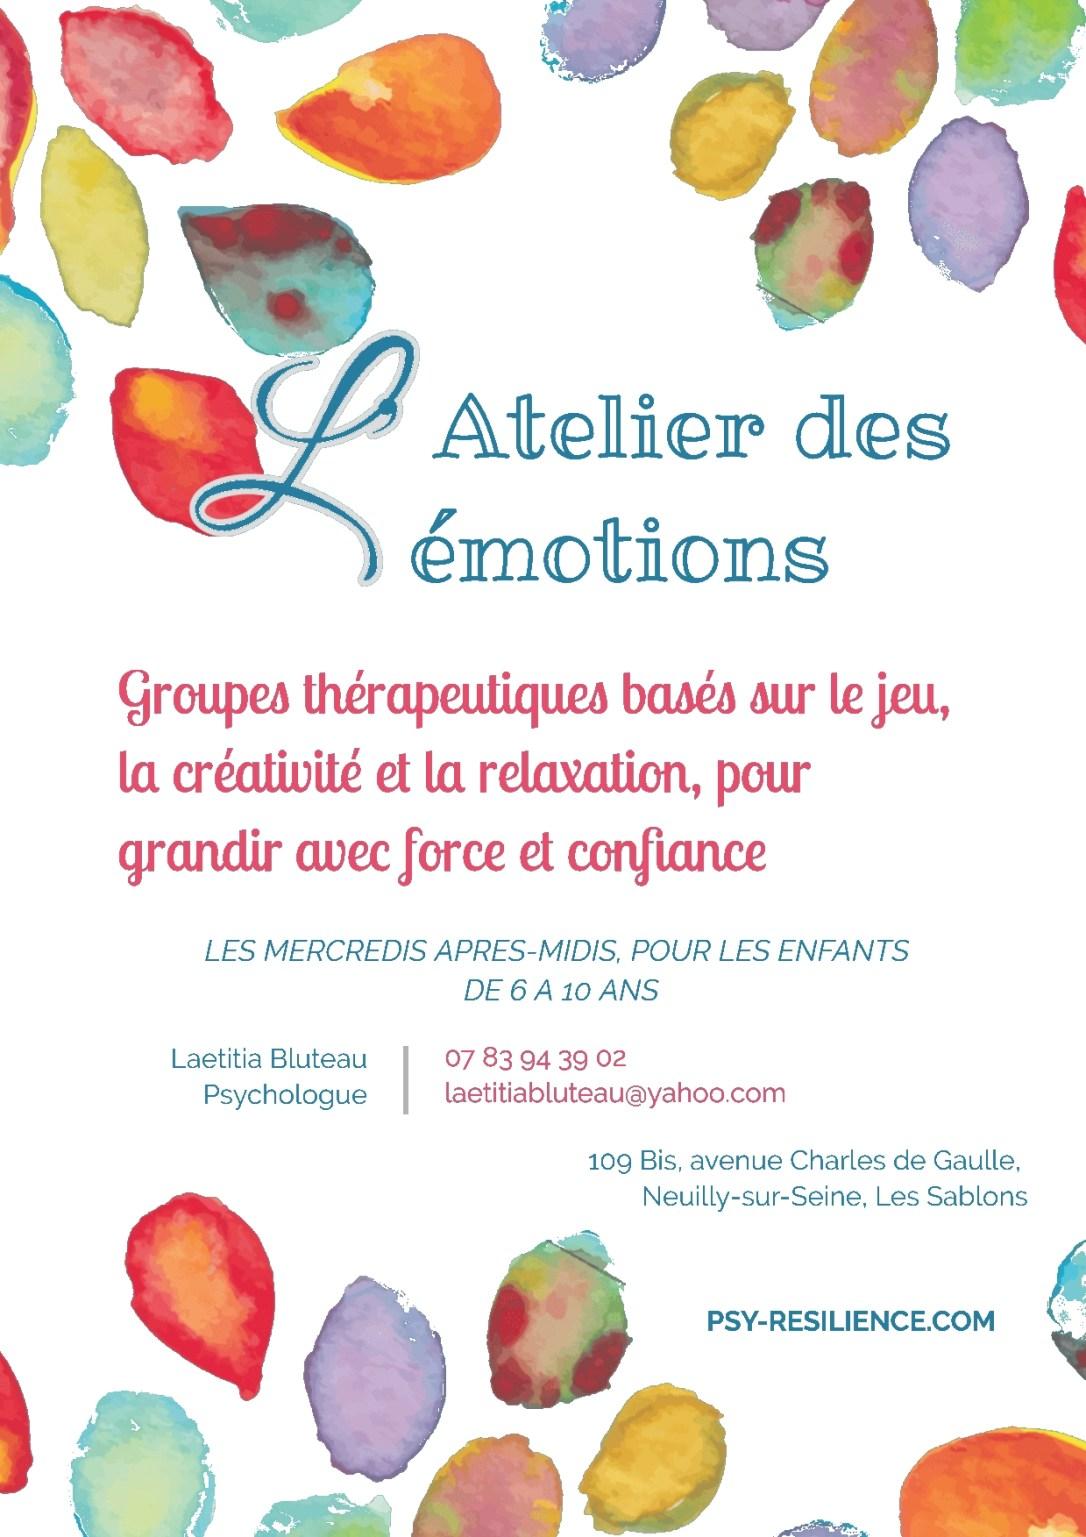 L'atelier des émotions Neuily Les Sablons